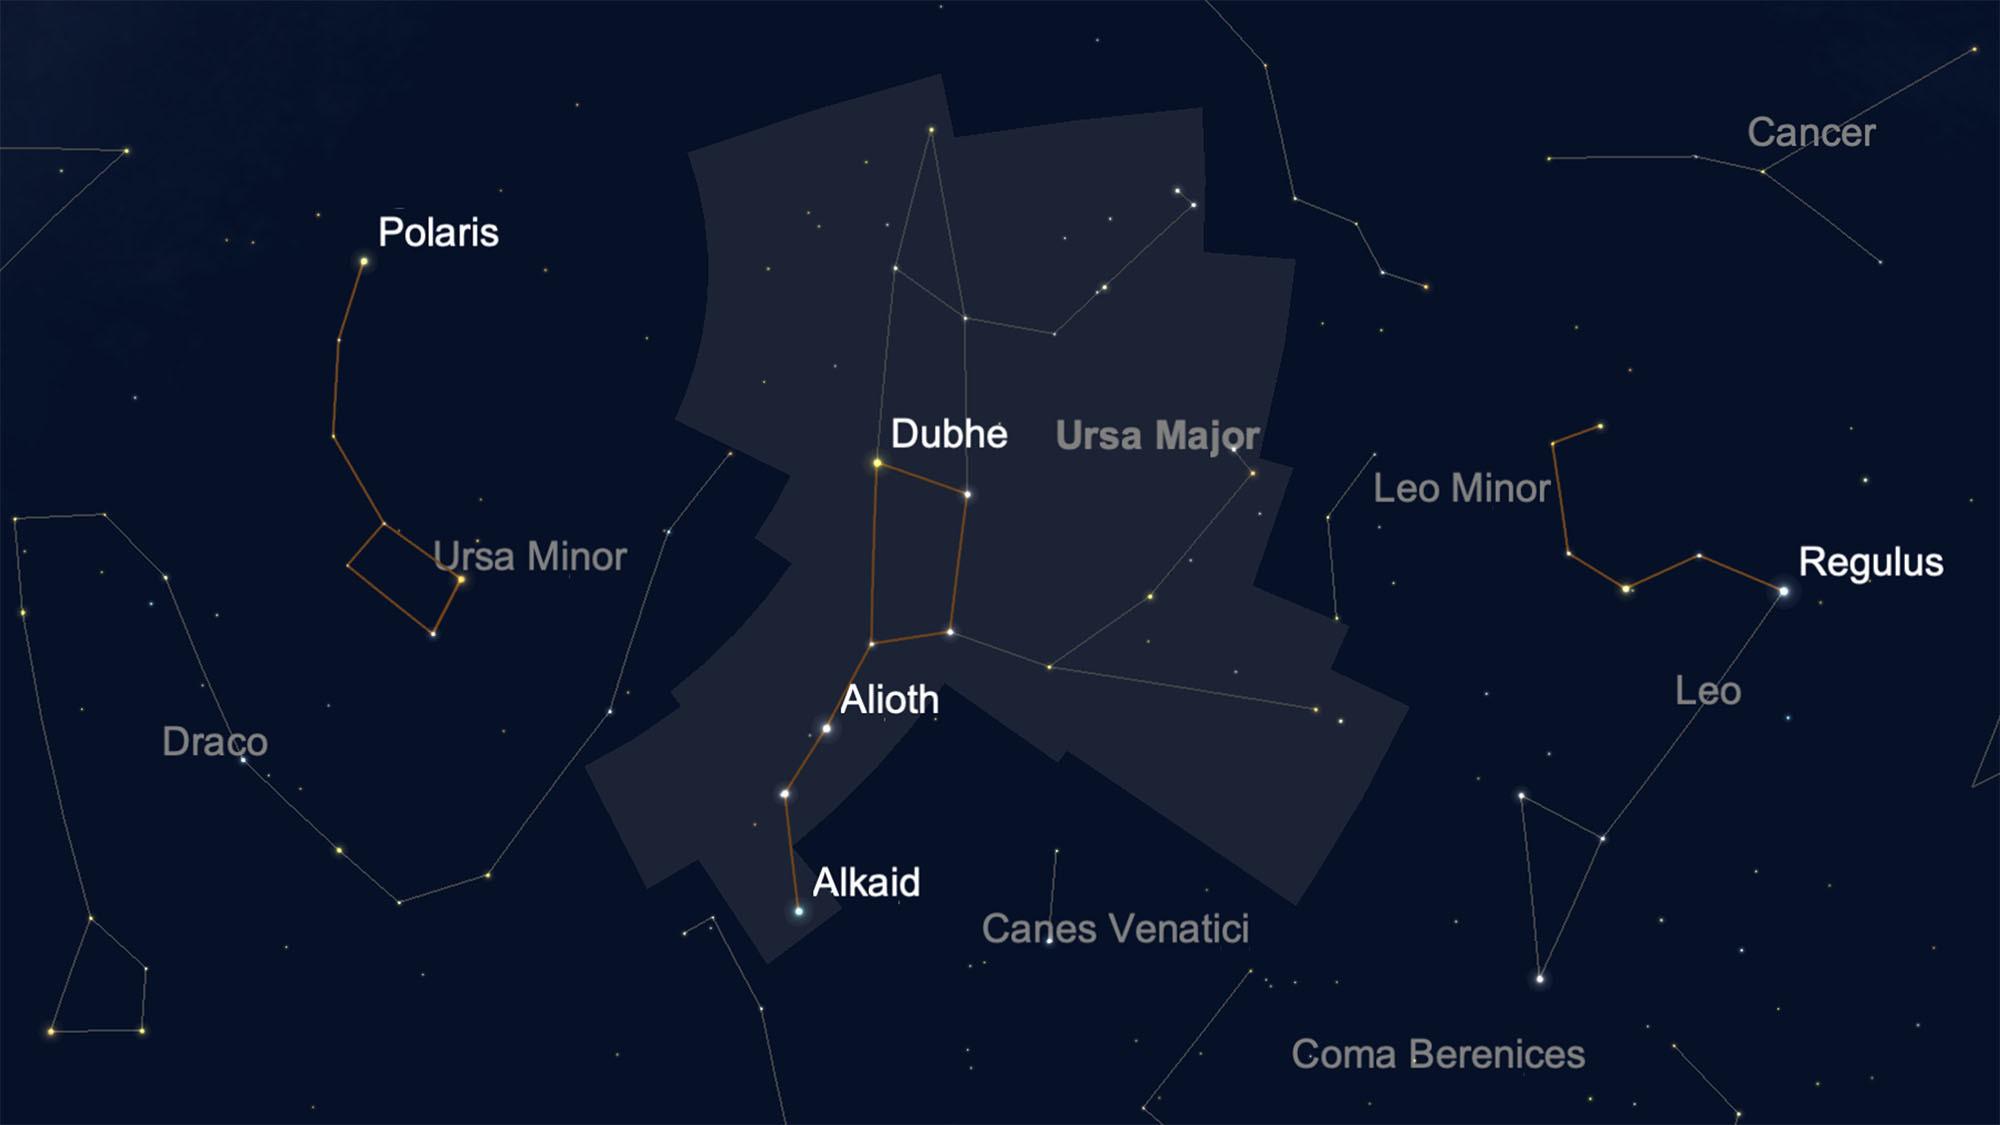 Cette carte du ciel montre où repérer Ursa Major et Ursa Minor, les constellations qui contiennent respectivement la Grande Ourse et la Petite Ourse.